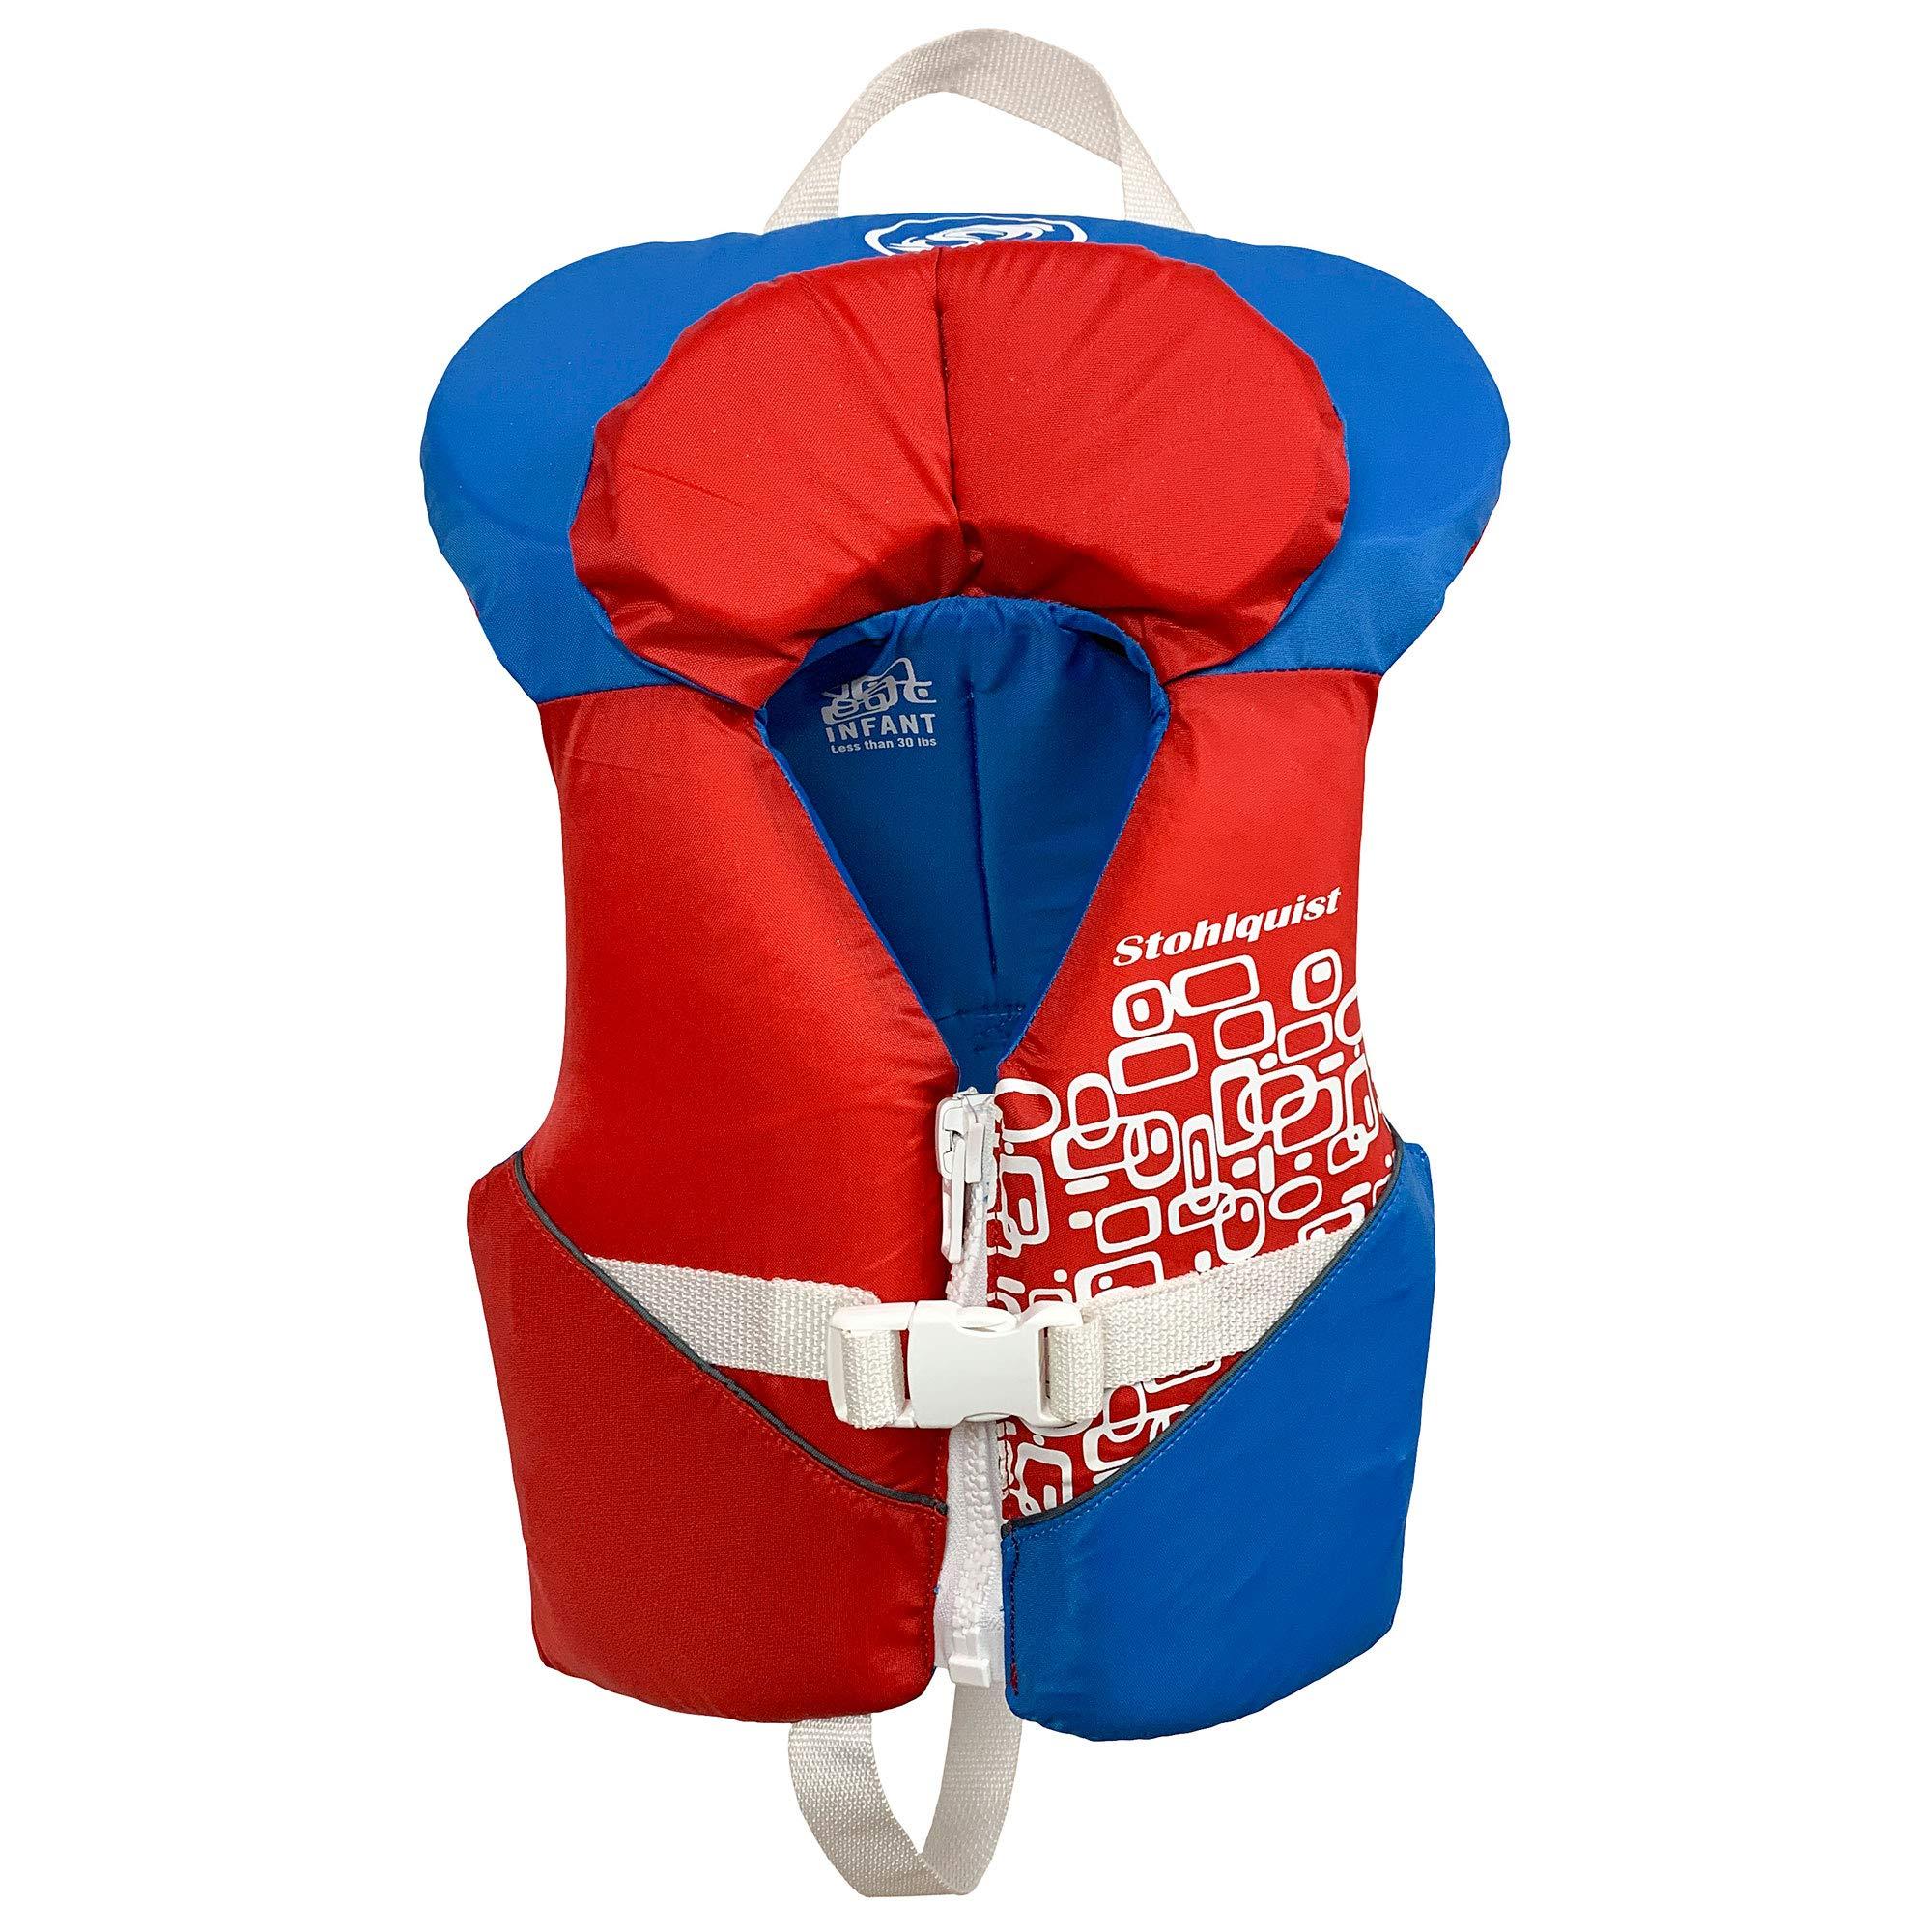 Stohlquist Toddler Life Jacket Coast Guard Approved Life Vest for InfantsRed/White/Blue-Infant